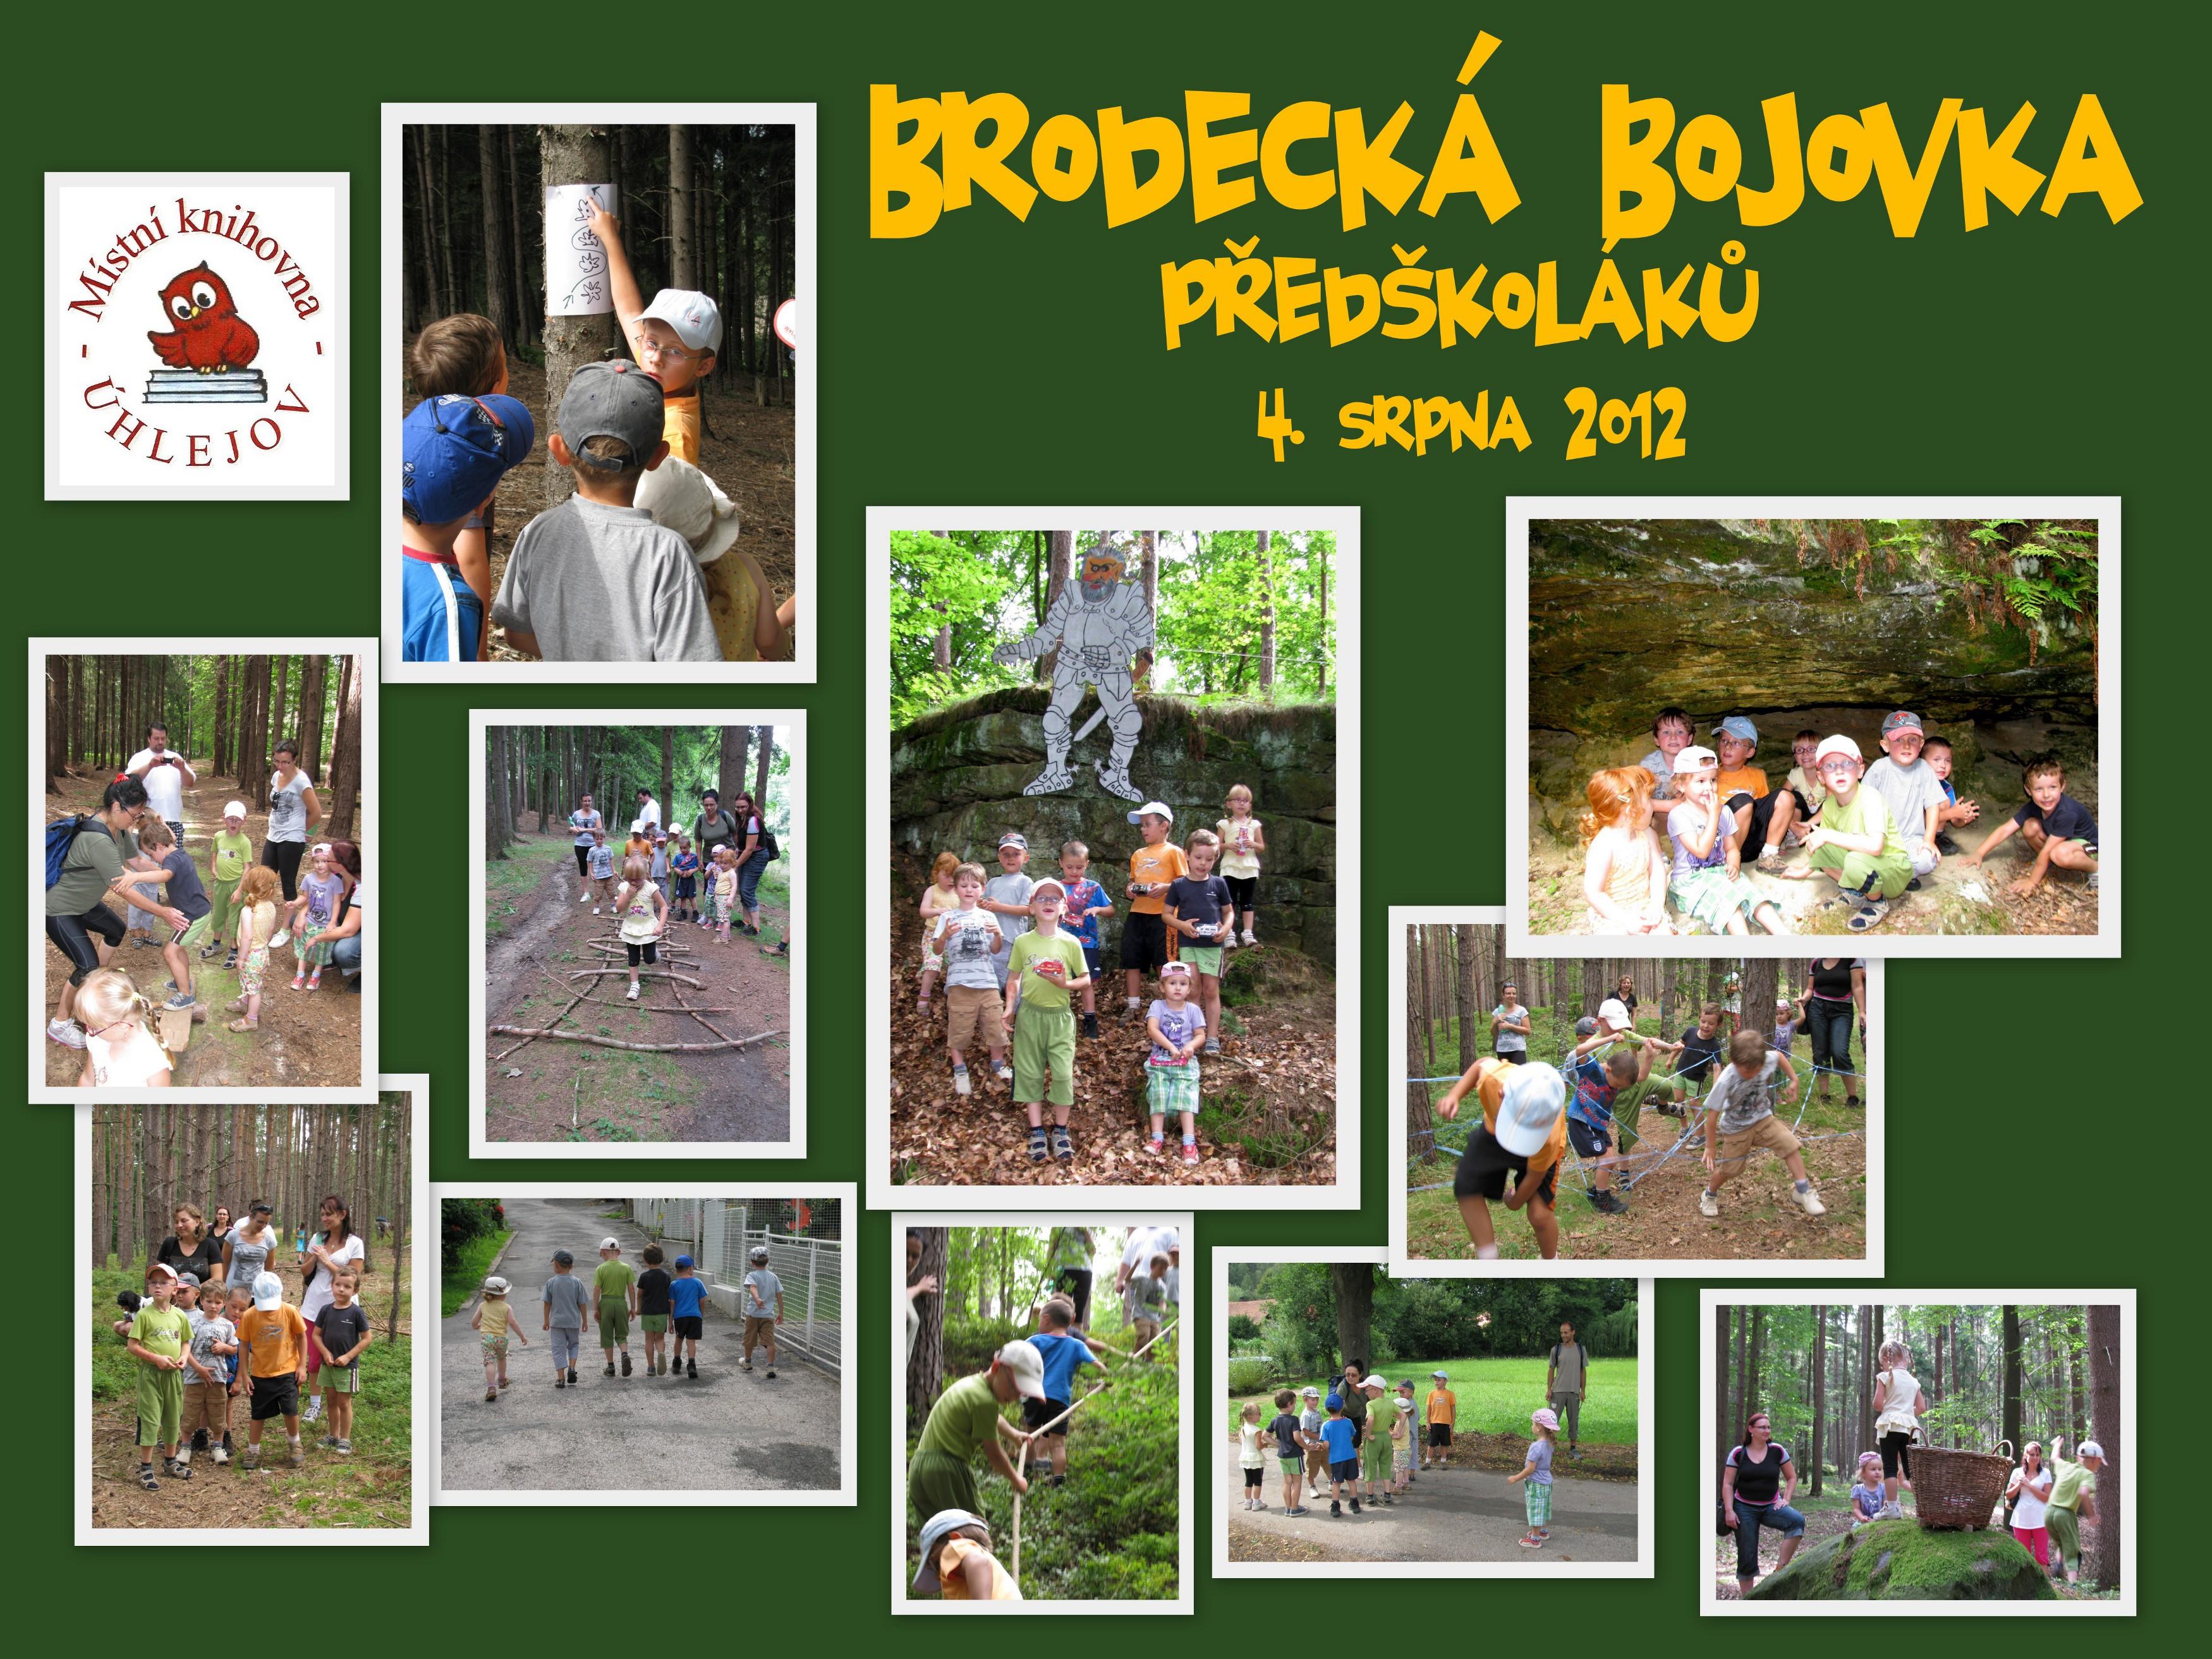 OBRÁZEK : brodecka_bojovka_-_zmens._kolaz_-_srpen_2012_-_zmenseno_.jpg